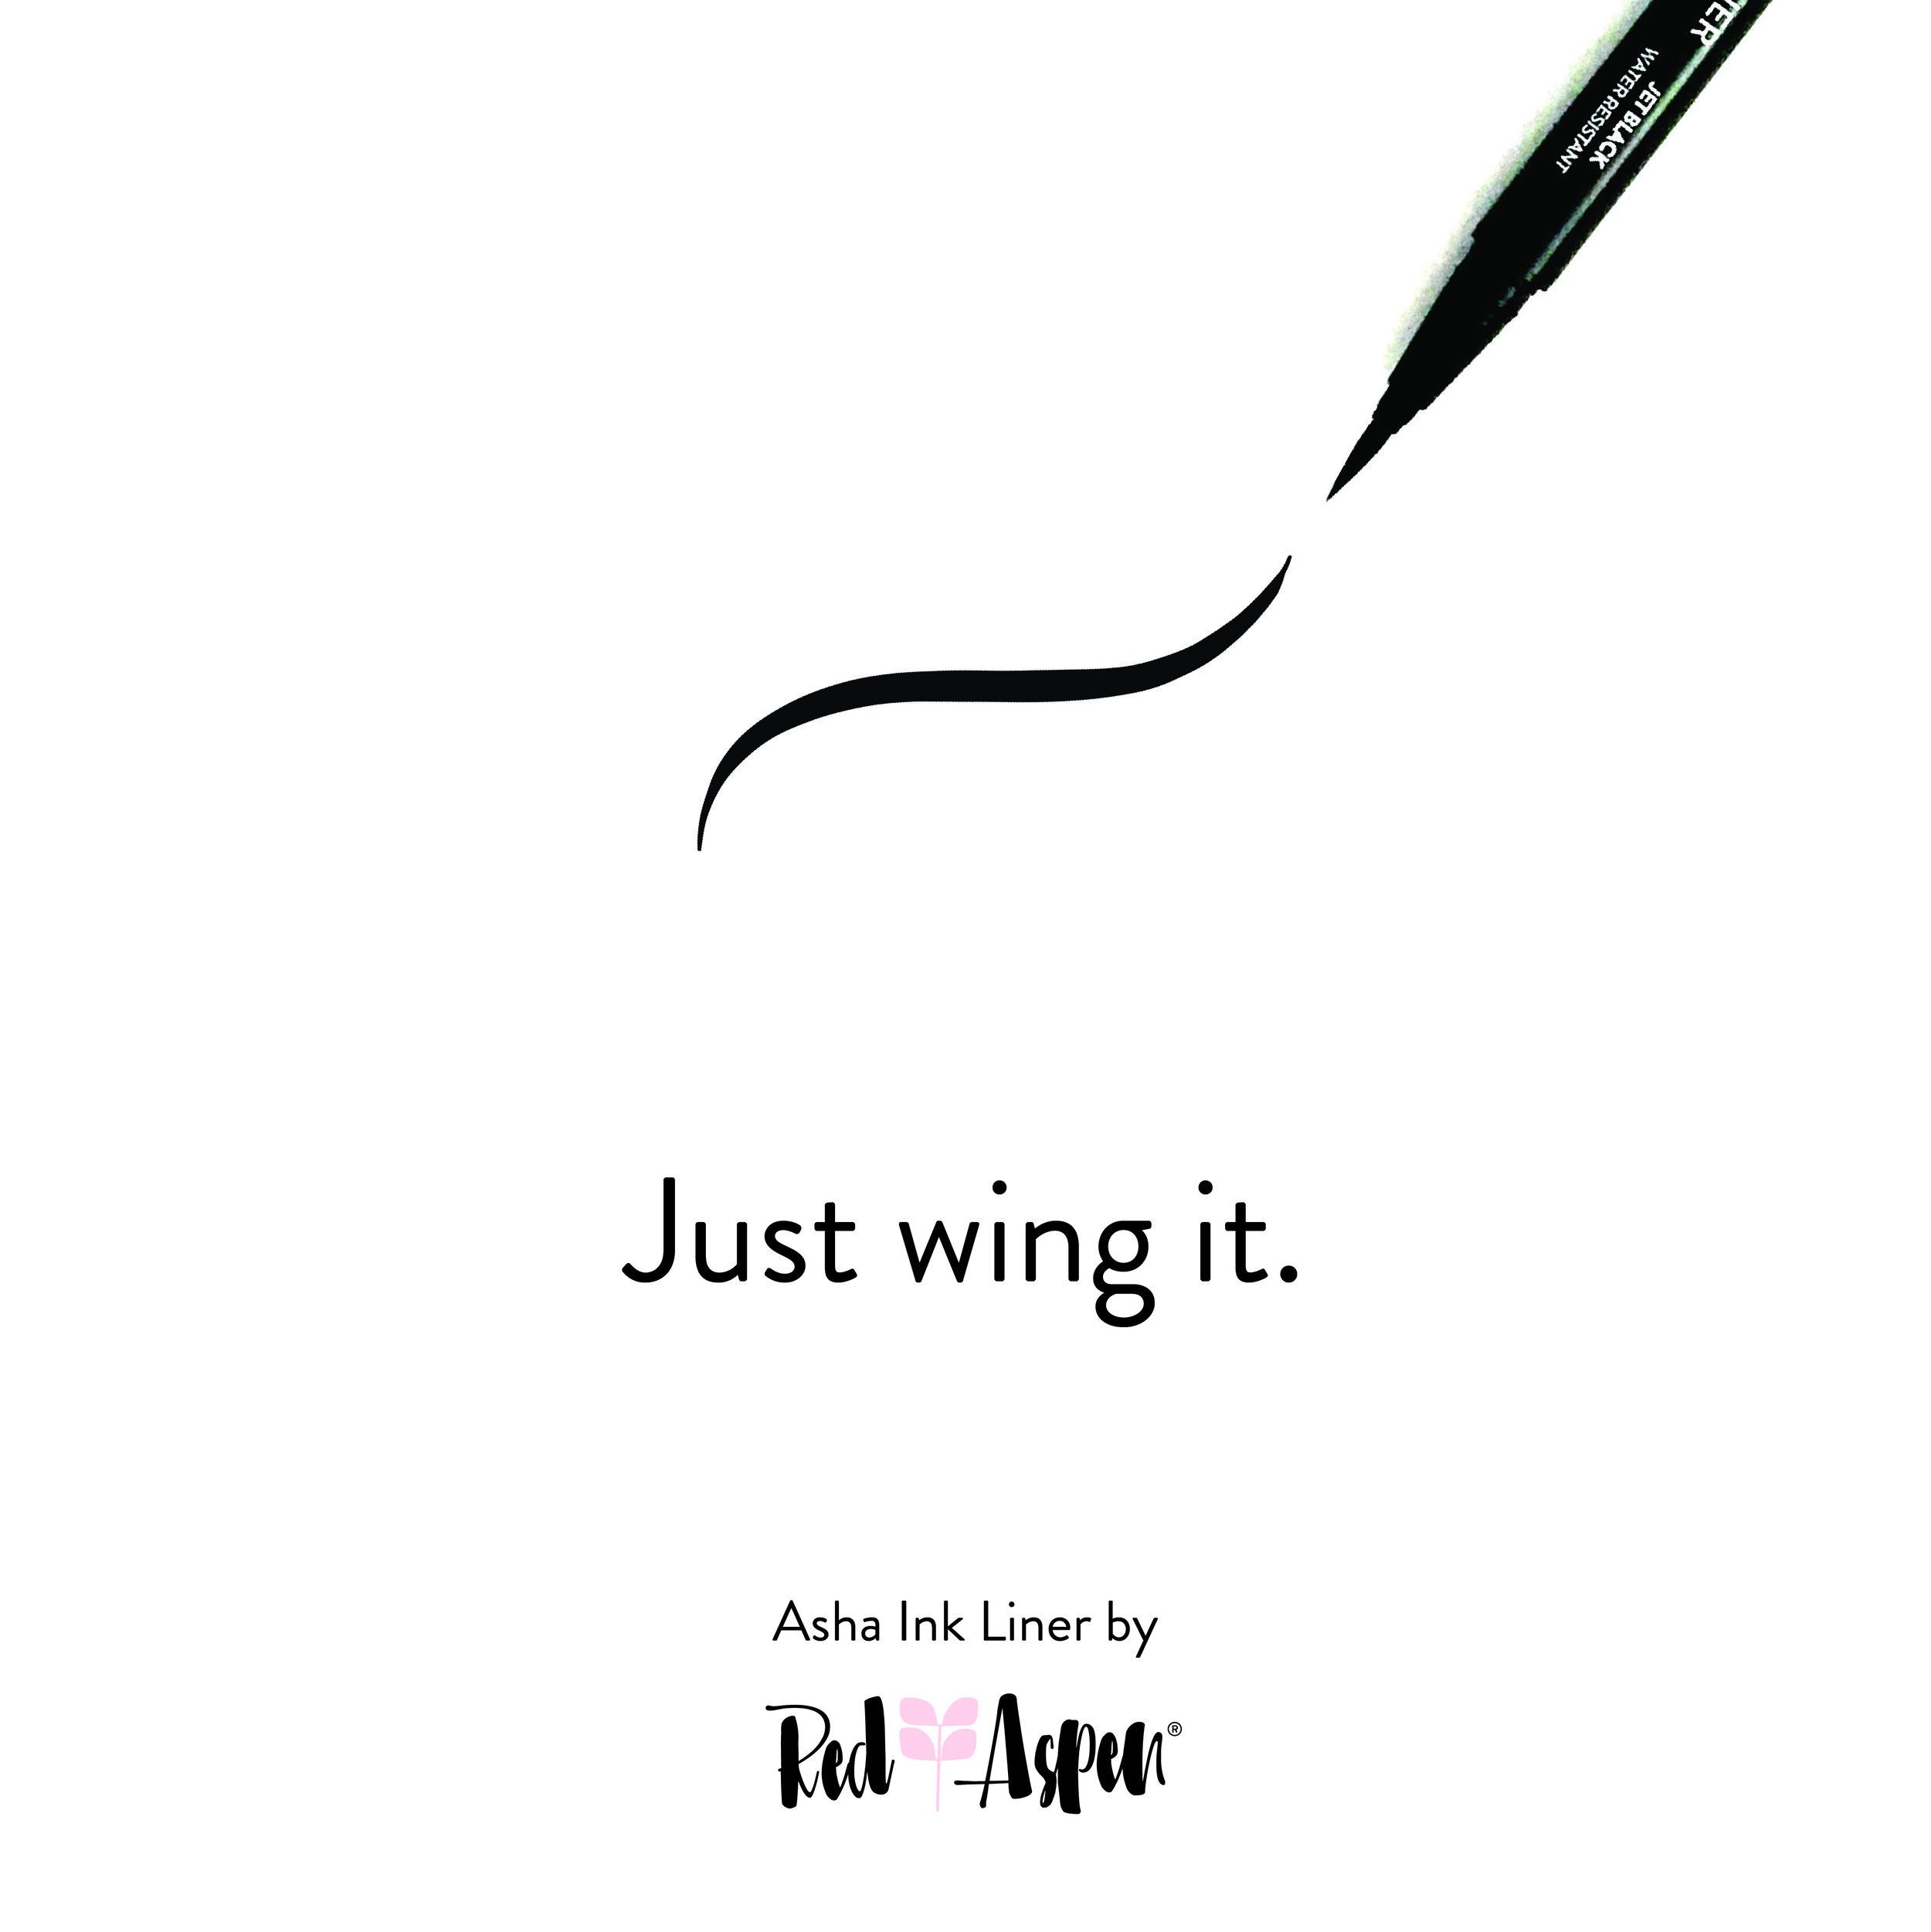 Asha Ink Liner - Social Images (6).jpg